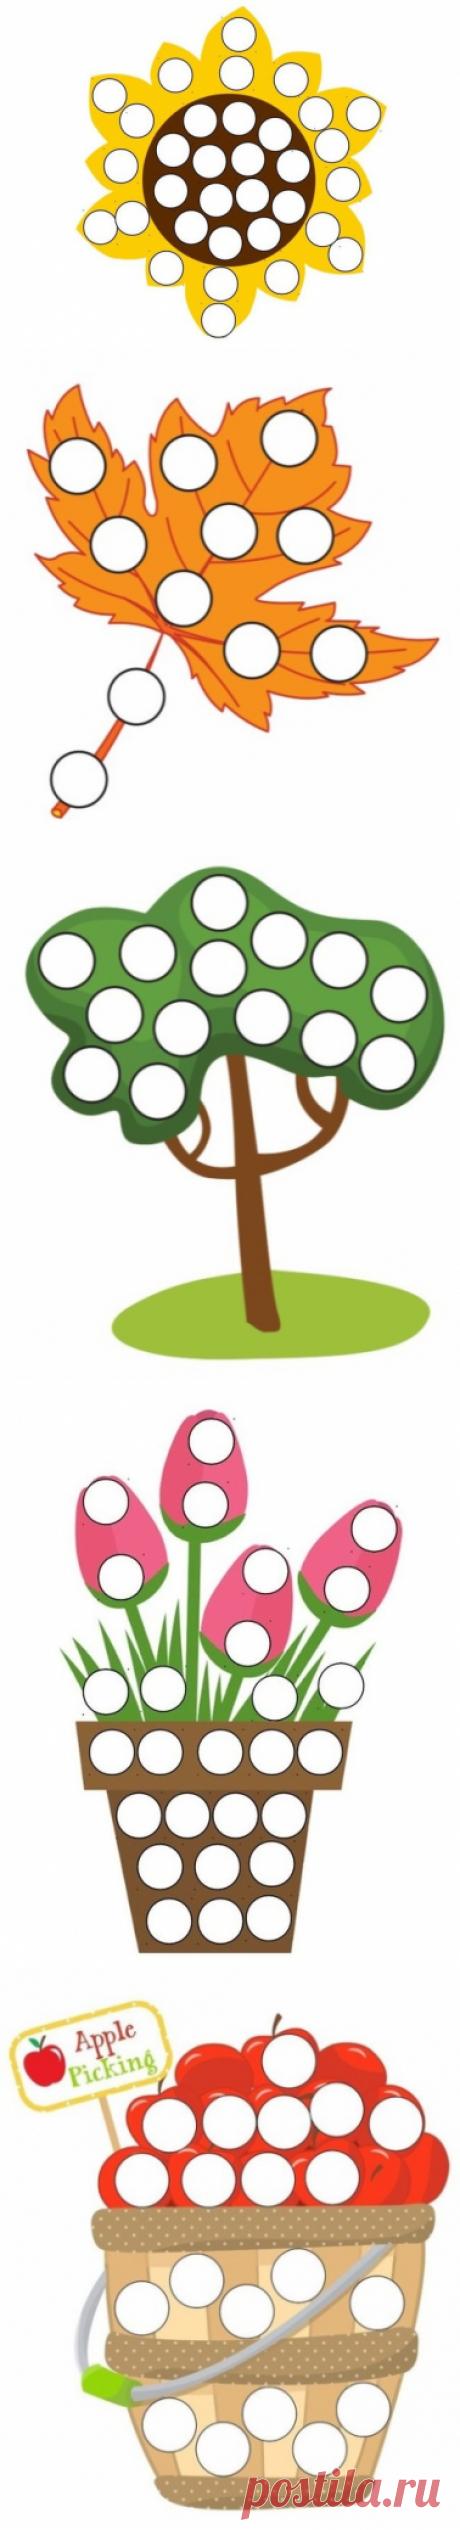 Шаблоны для пальчикового рисования - Поделки с детьми